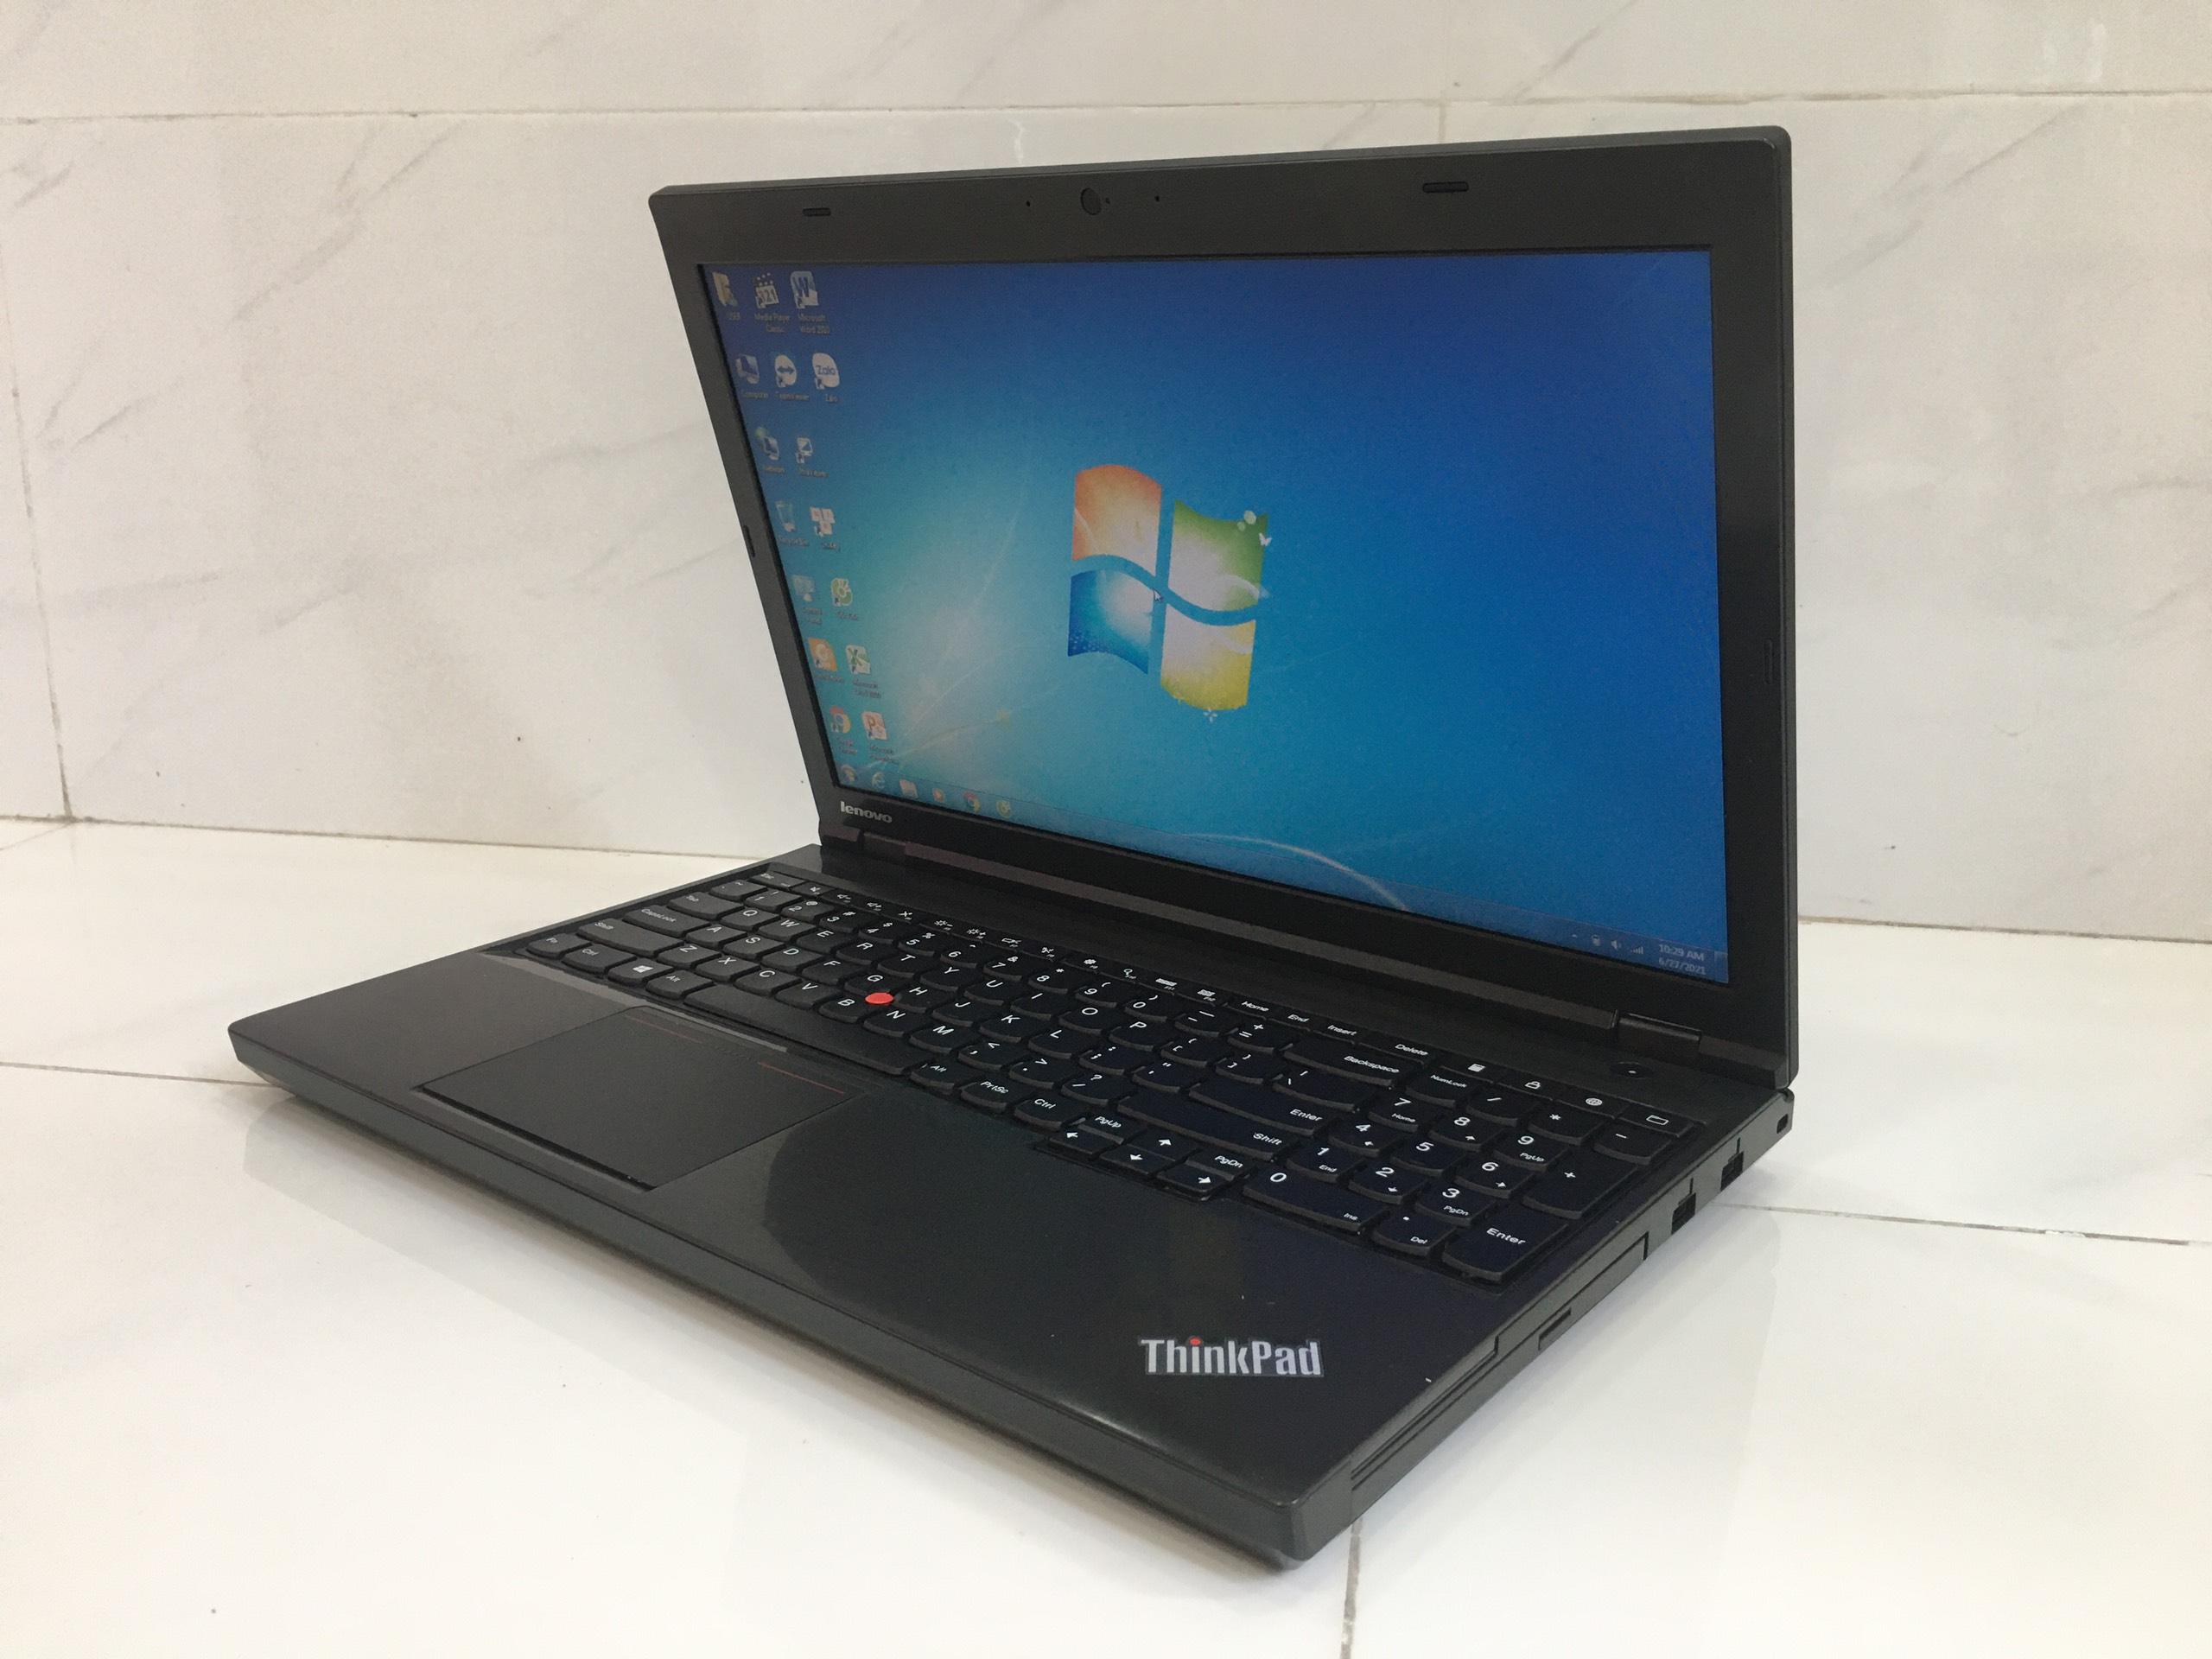 lenovo-thinkpad-g54v-4